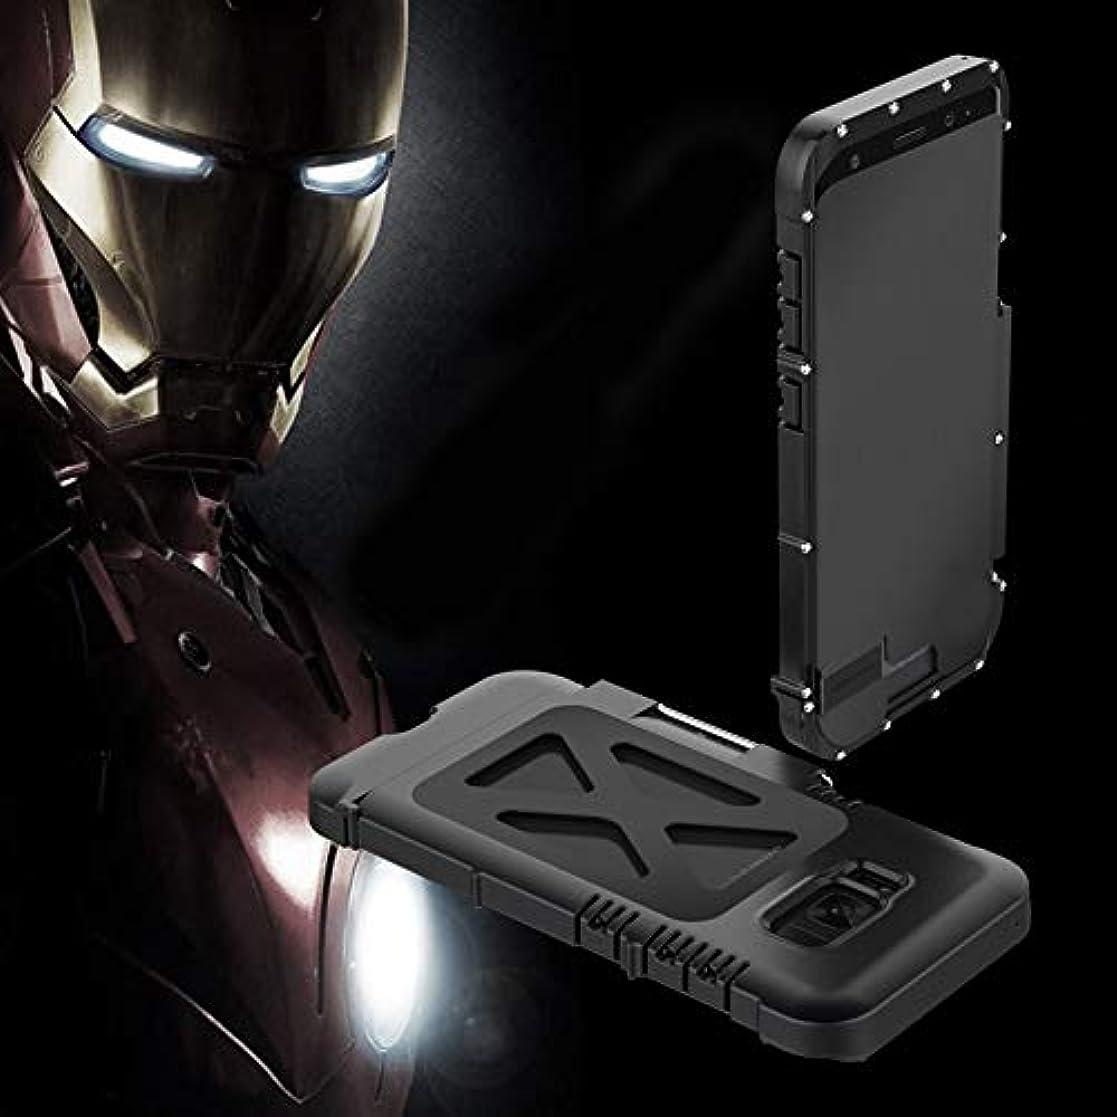 実証する食事評価Tonglilili 携帯電話ケース、サムスンS5、S6、S6エッジ、S6エッジプラス、S7、S7エッジ、S8、S8、S9、S9用ブラケット落下防止クリエイティブスリーインワンメタルフリップアイアンマン保護携帯電話シェルホーンケースプラス (Color : 黒, Edition : S7 Edge)